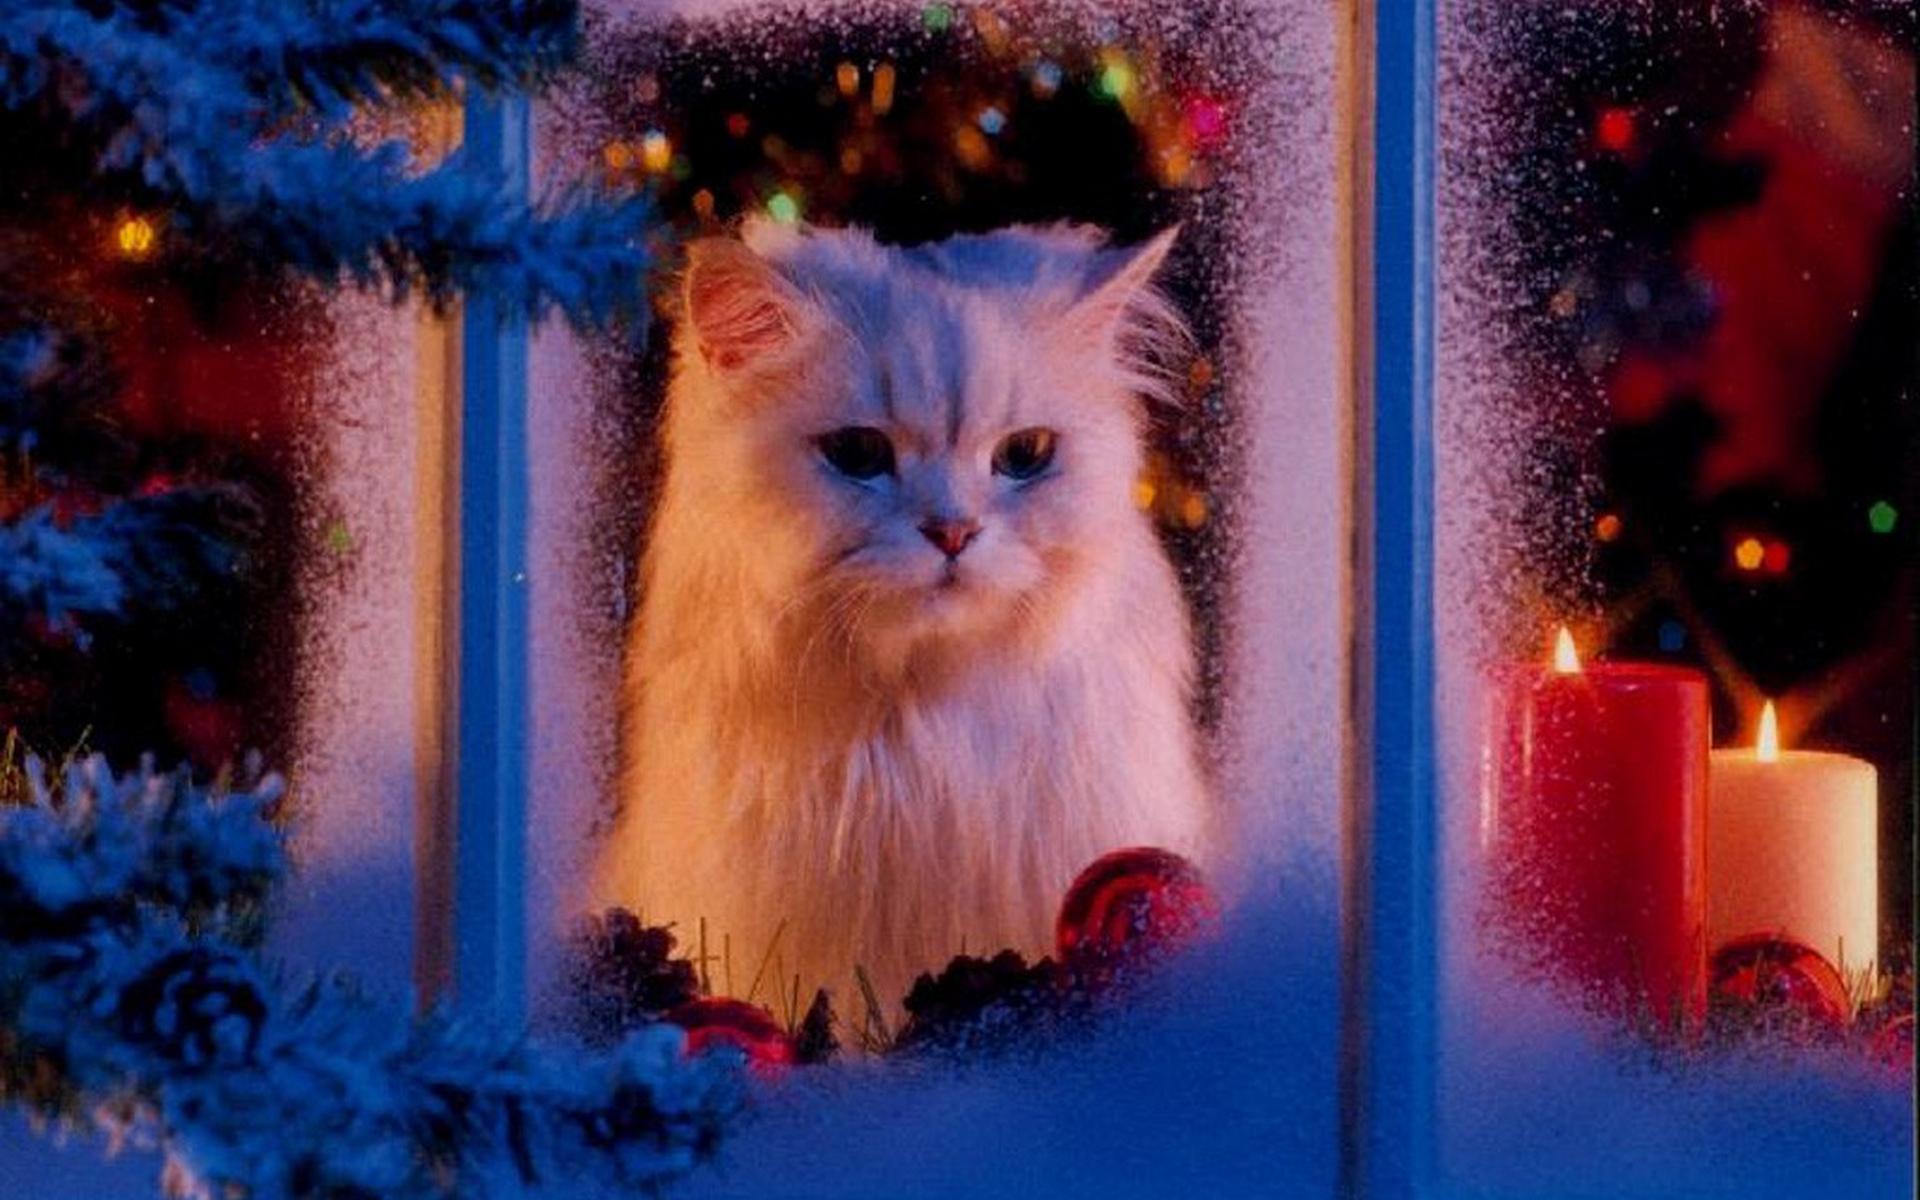 Белый кот выглядывает из окна: новогодние обои, картинки, фо.